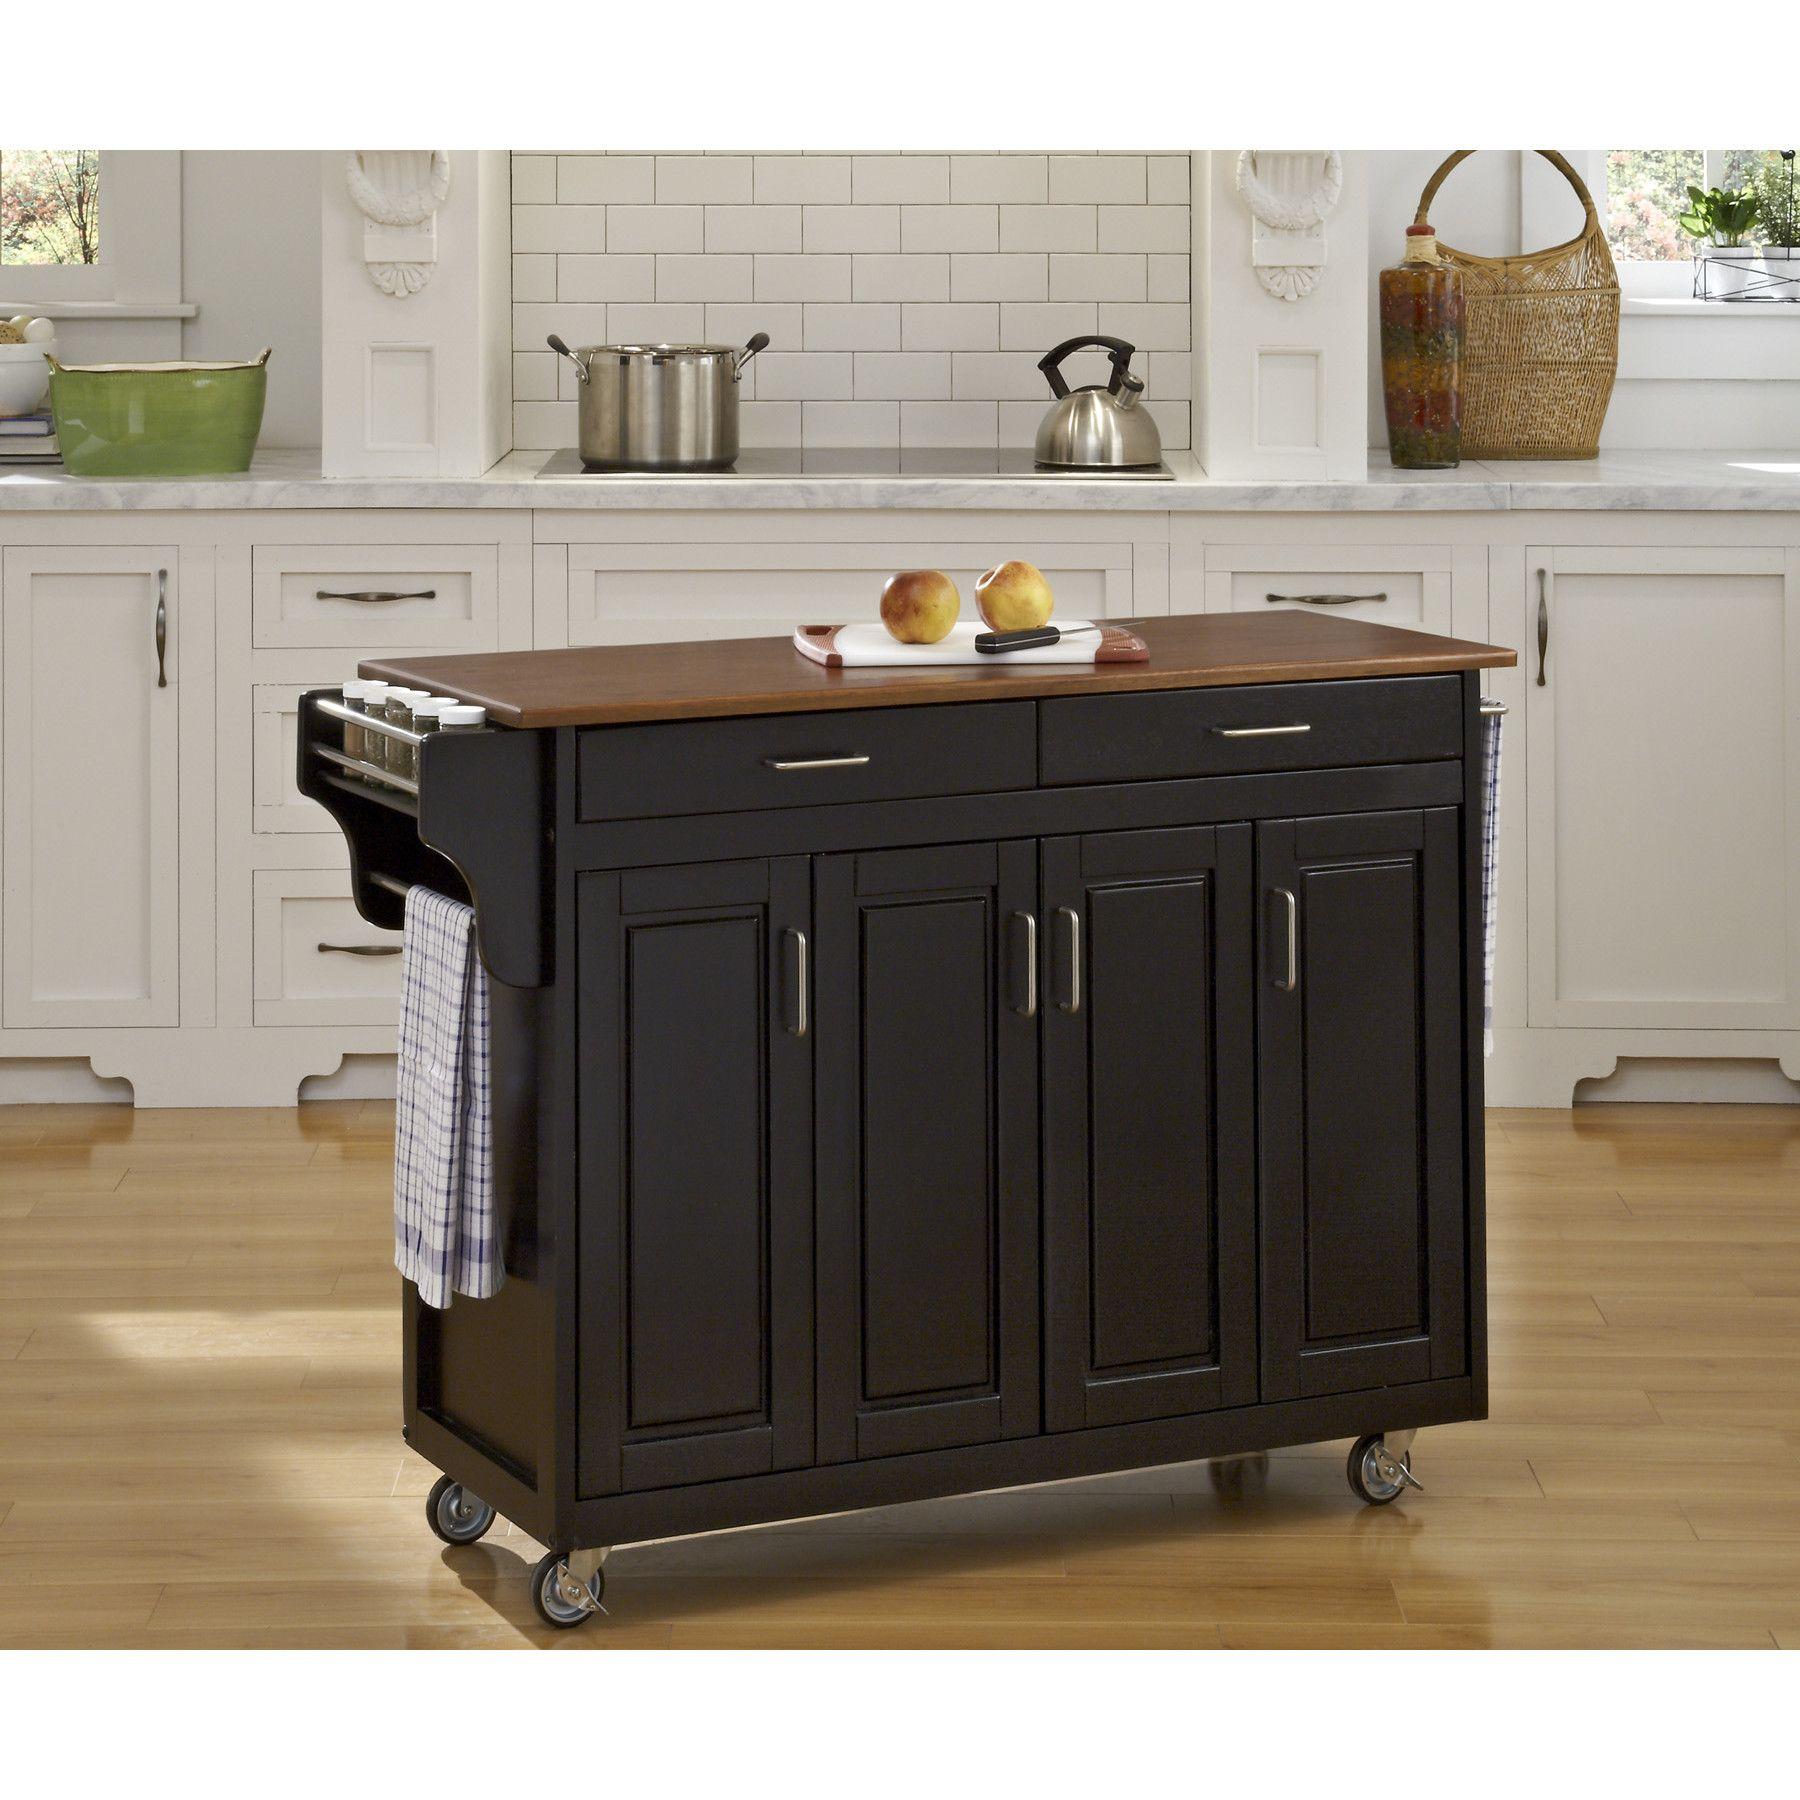 Regiene Kitchen Island Kitchen Island On Wheels Kitchen Island With Granite Top Kitchen Cart